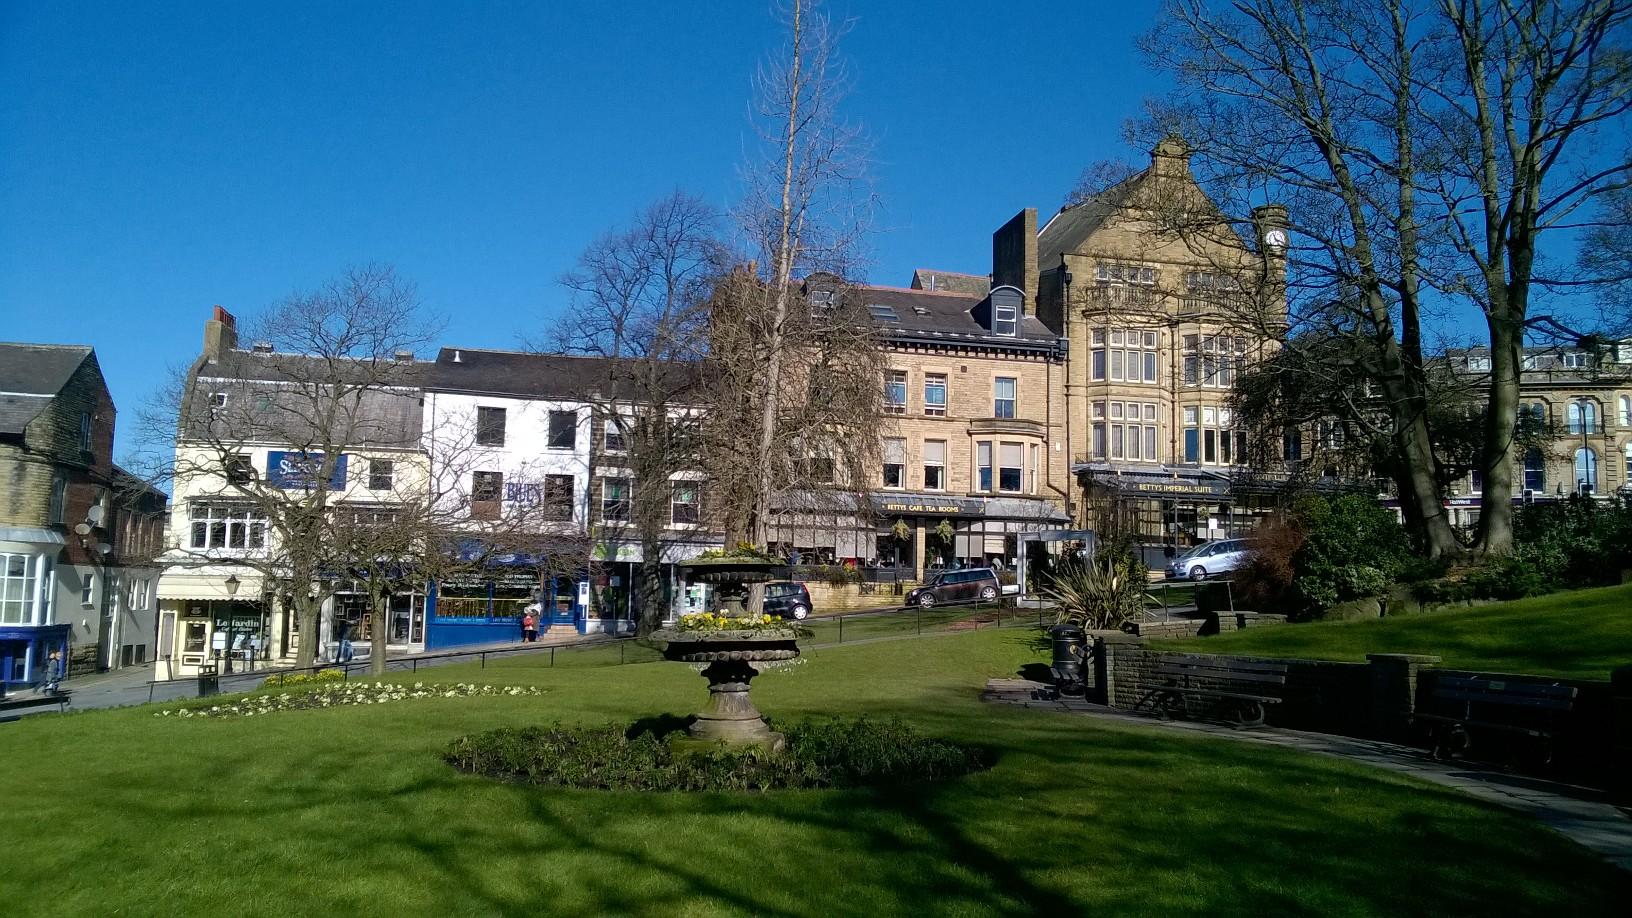 Montpelier Quarter, Harrogate